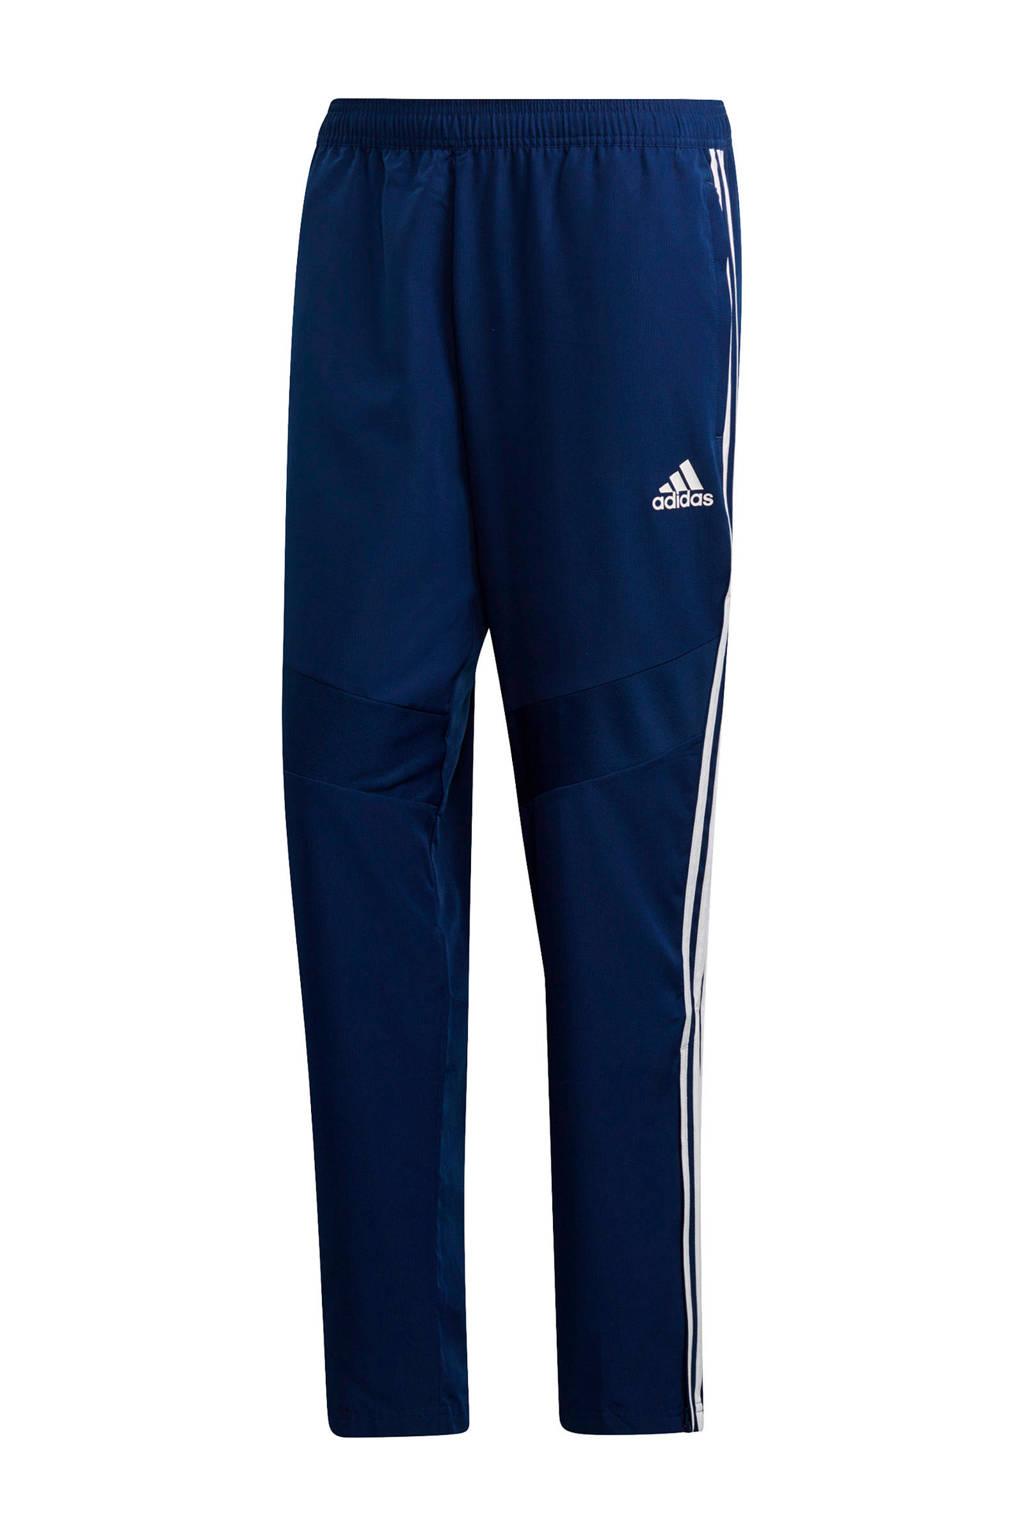 adidas Performance   voetbalbroek Tiro 19 donkerblauw, Donkerblauw